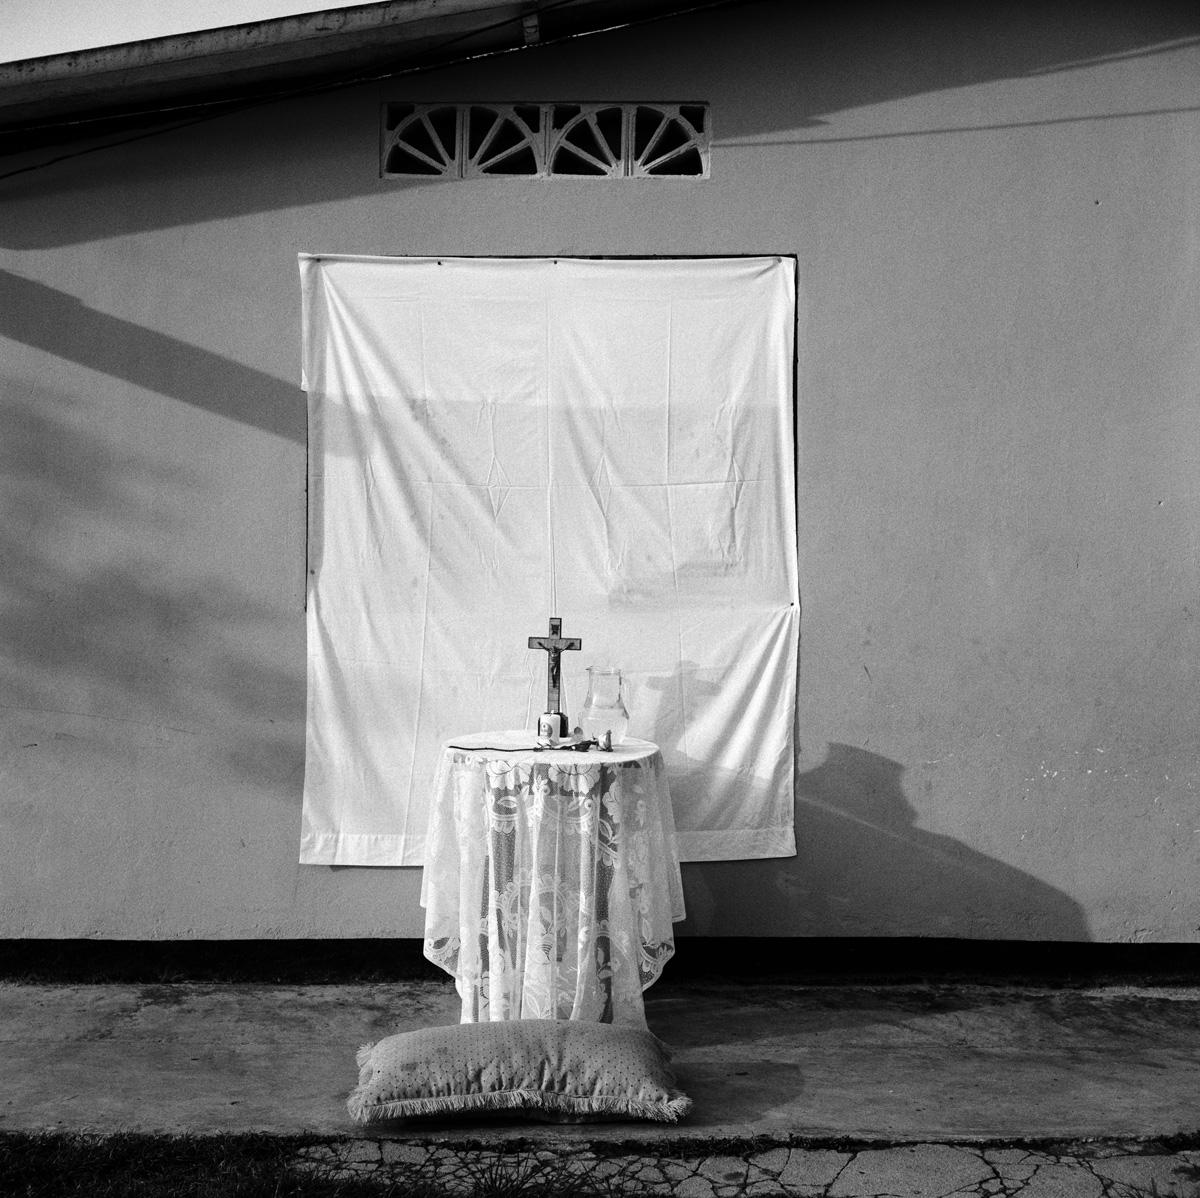 Colombia, Aracataca,  Stazione della Via Crucis per la processione del Venerdì Santo. Courtesy Fausto Giaccone